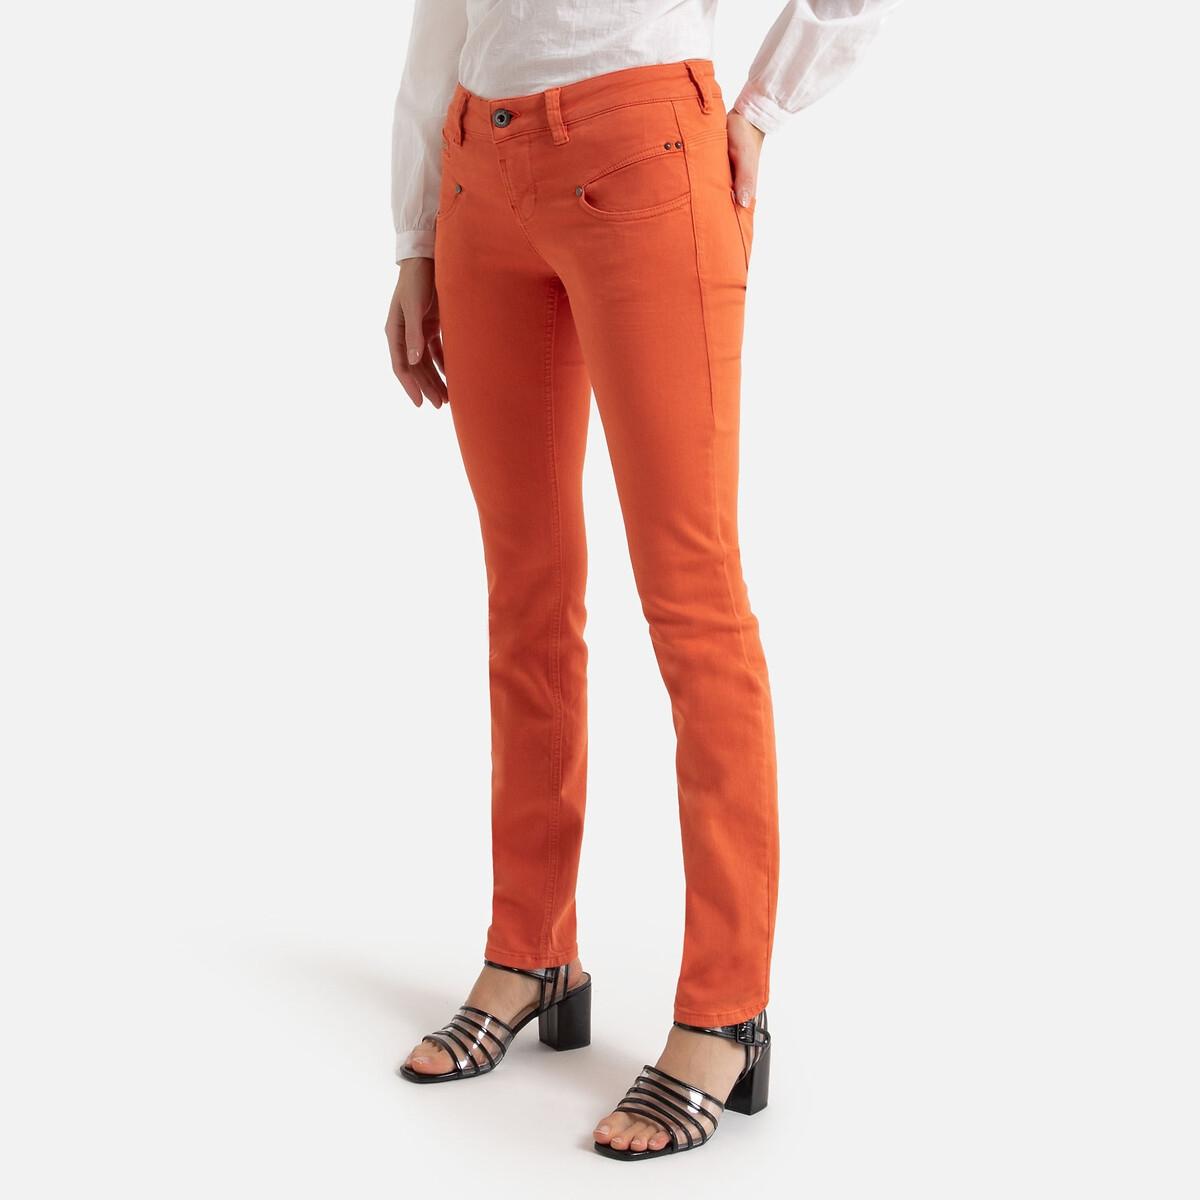 Джинсы La Redoute Узкие ALEXA NEW MAGIC COLOR S оранжевый